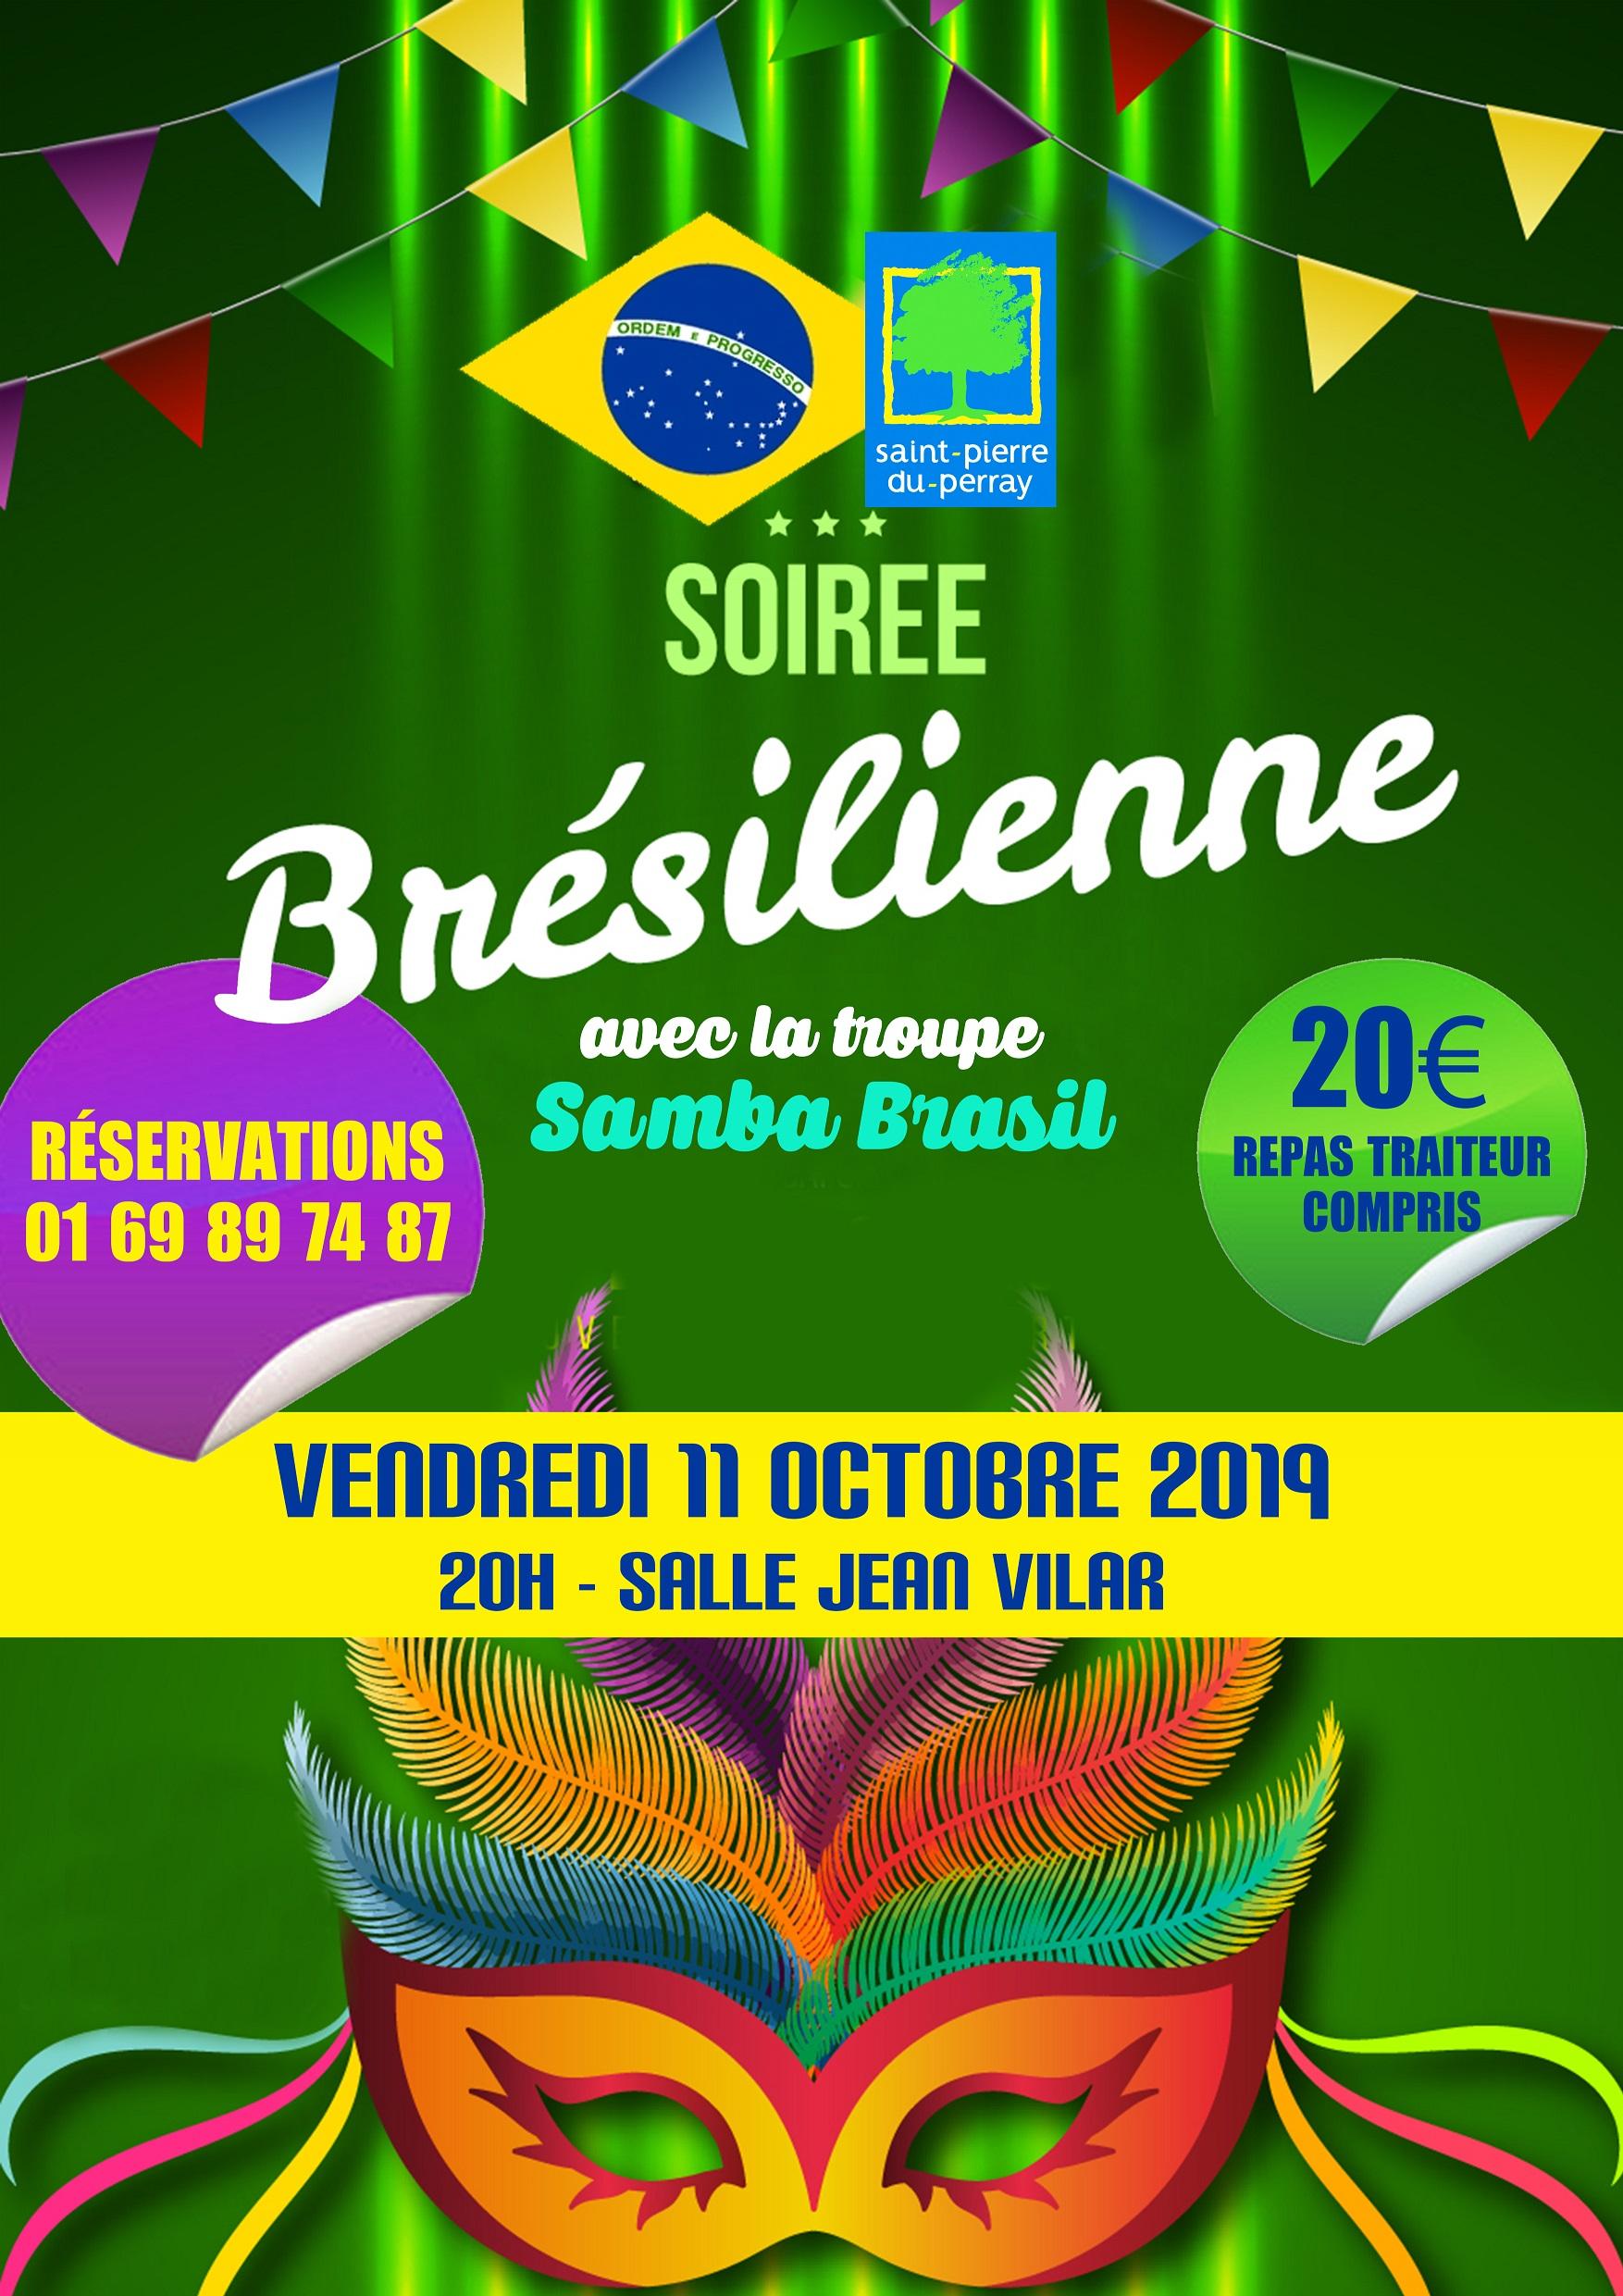 Concert: soirée brésilienne le 11 octobre 2019